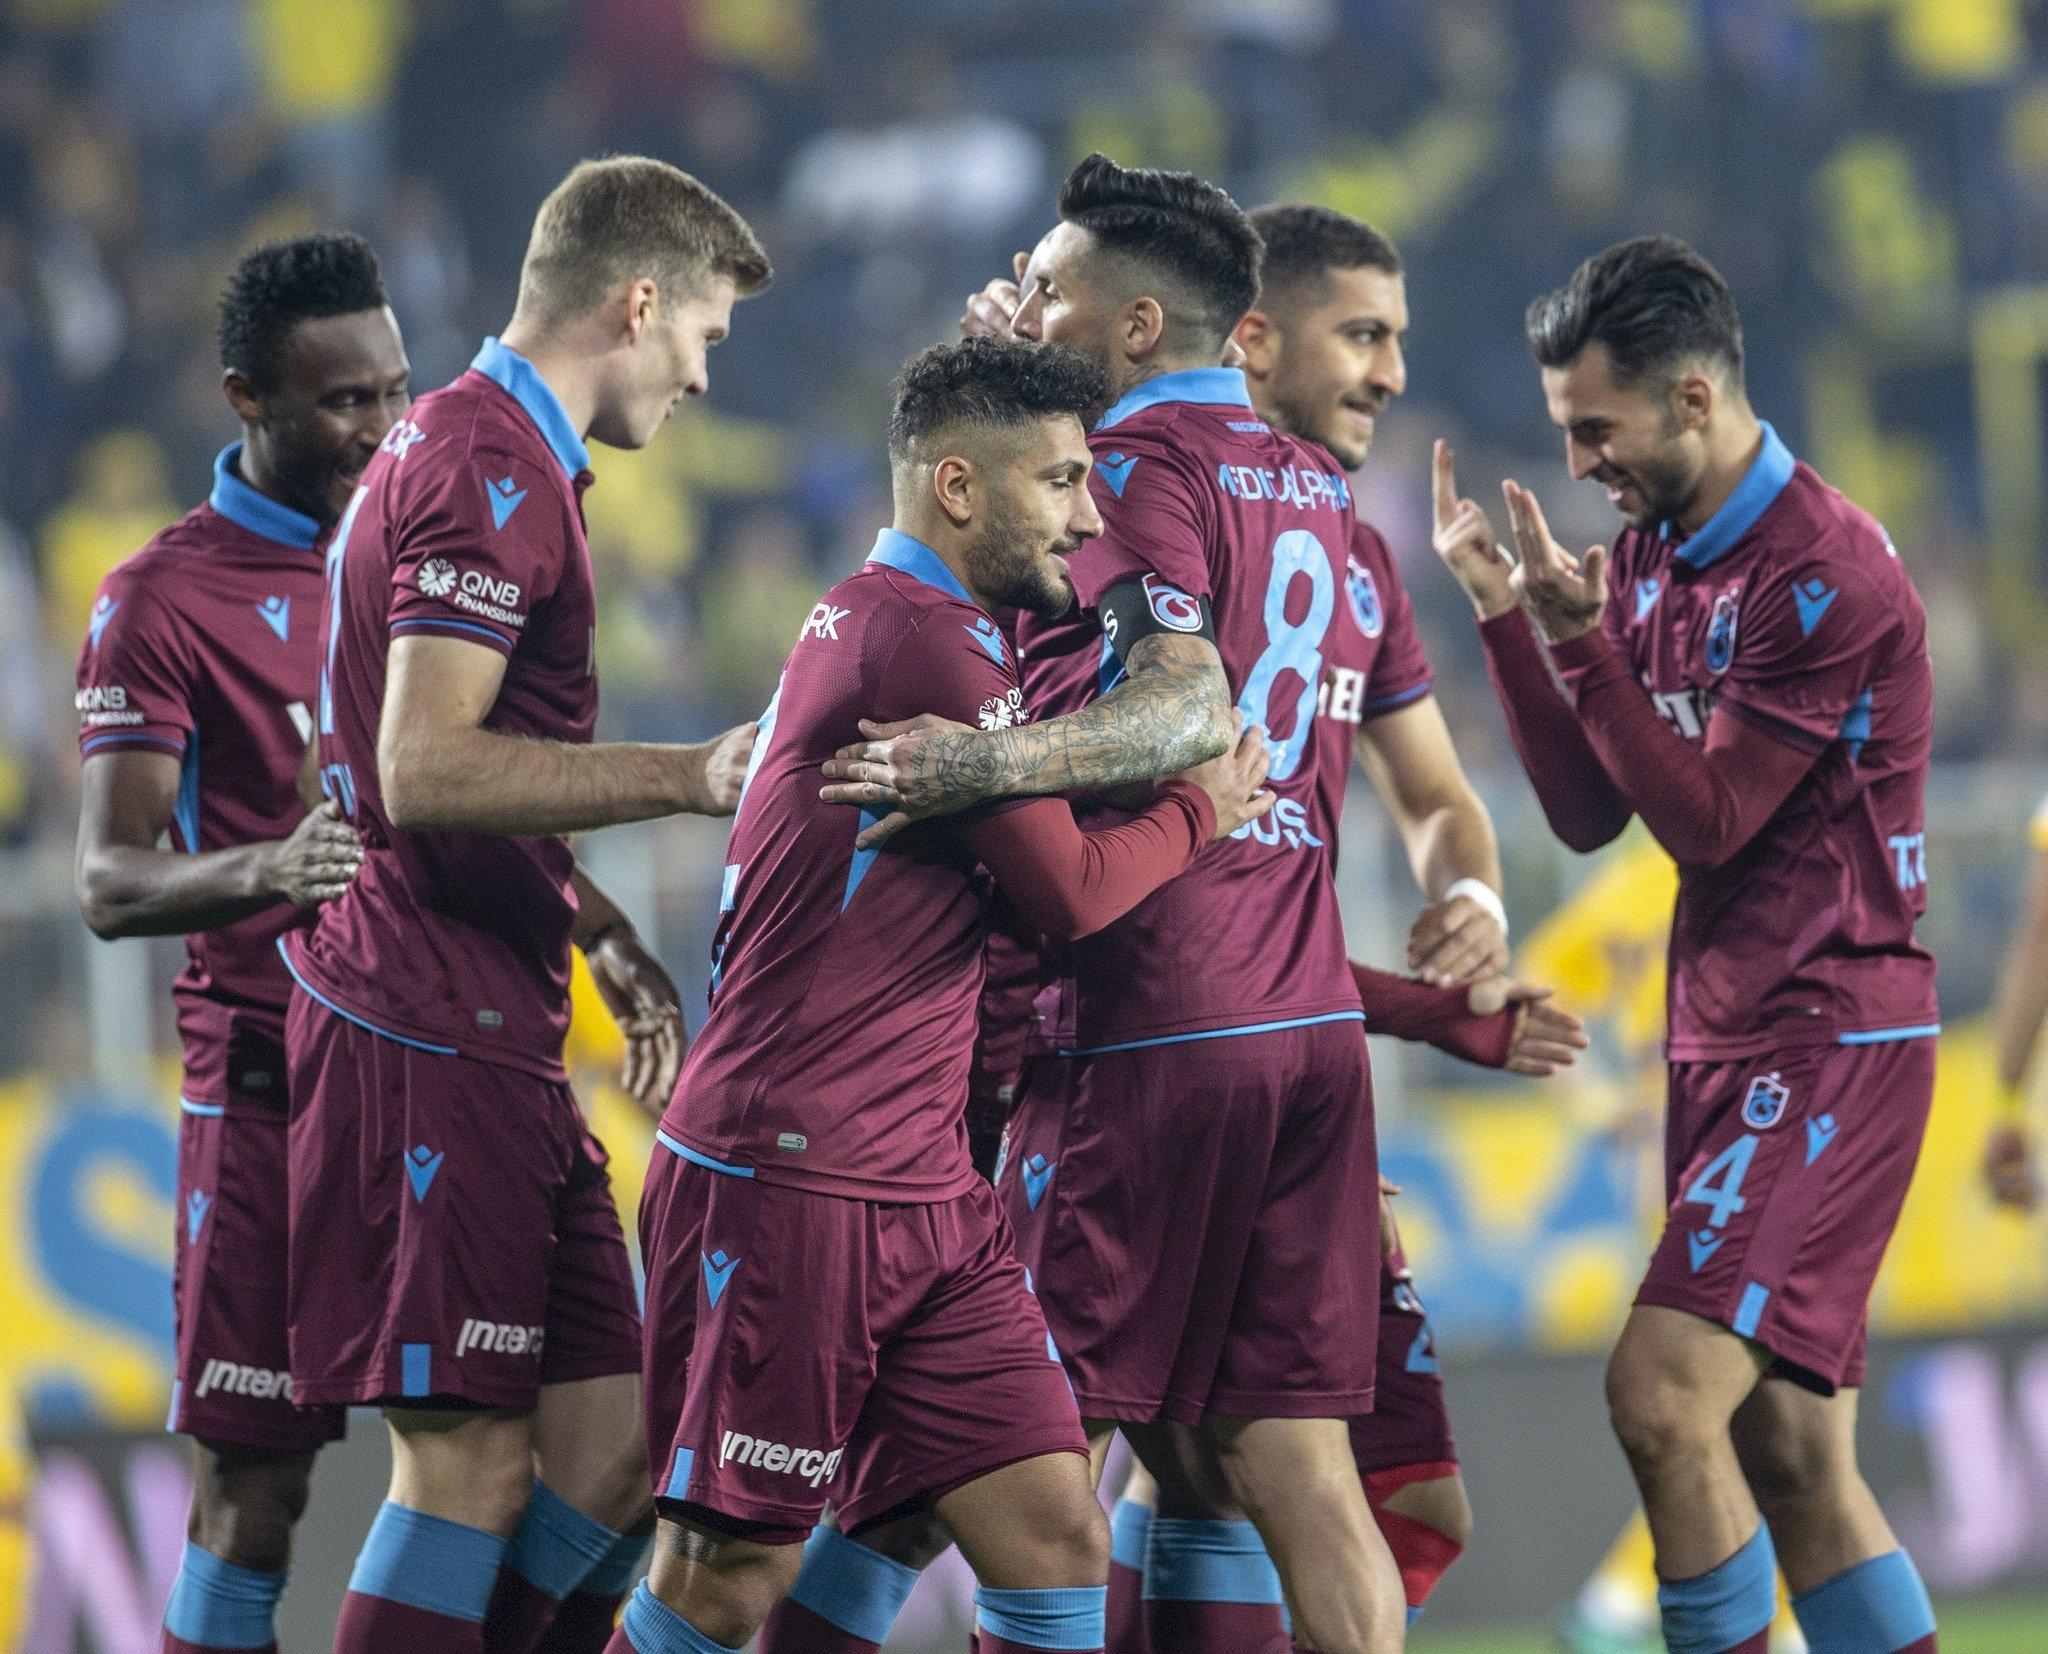 MAÇ SONUCU l Ankaragücü 0 - 3 Trabzonspor l ÖZET - Aspor